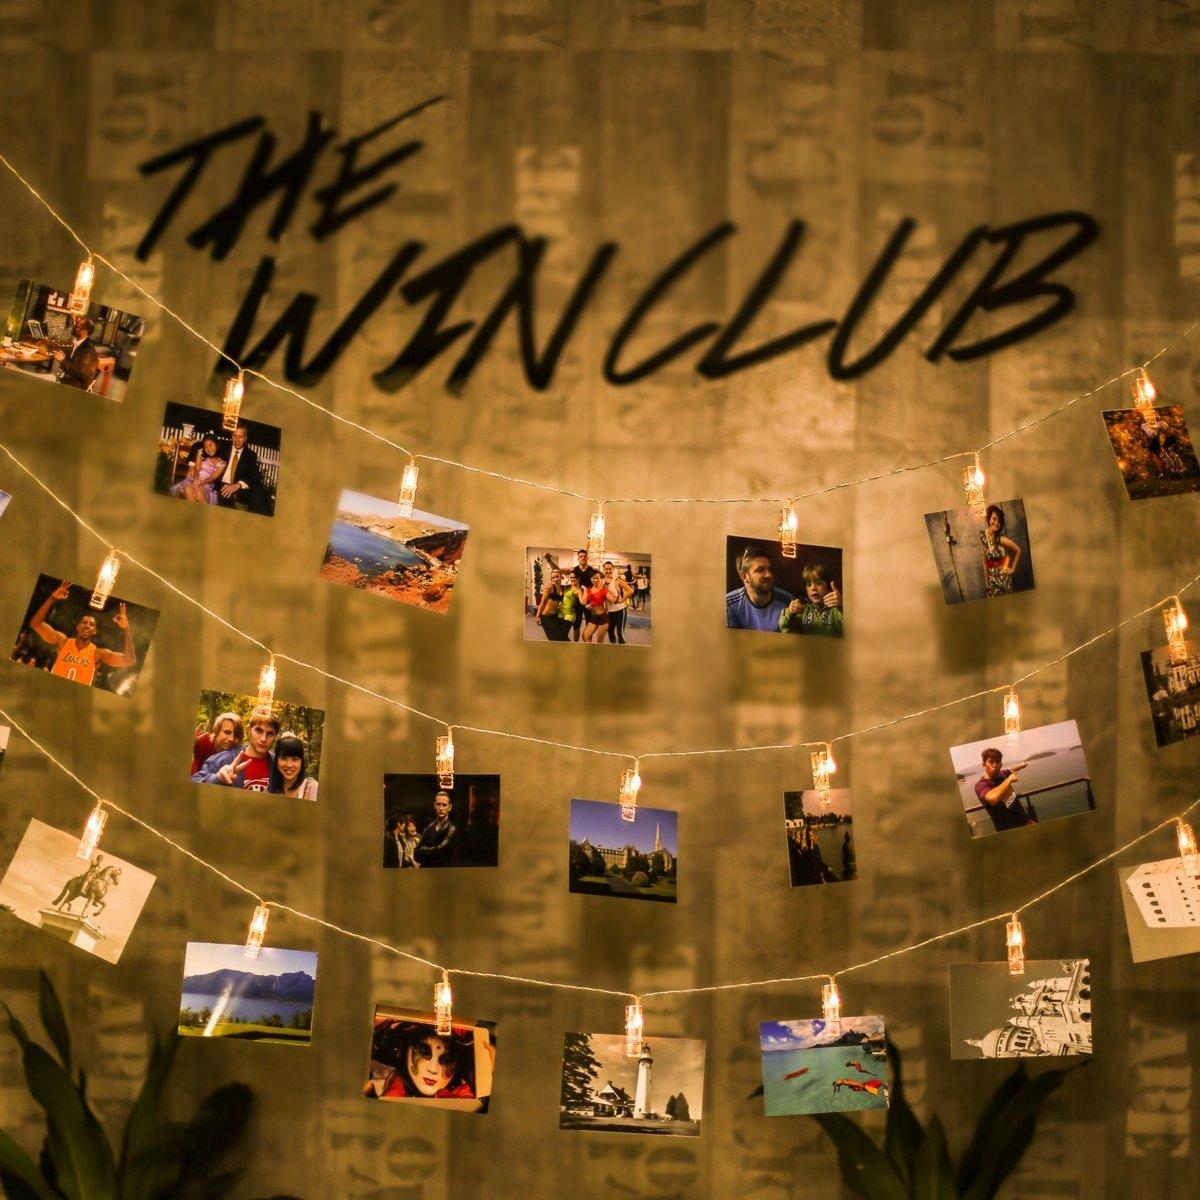 Led Bilder Weihnachten.40 Led Fotoclips Lichterkette Ecowho 8 Modi Lichterkette Mit Klammern Fur Fotos Warmweiss Led Lichterkette Mit Fernbedienung Timer Ideal Fur